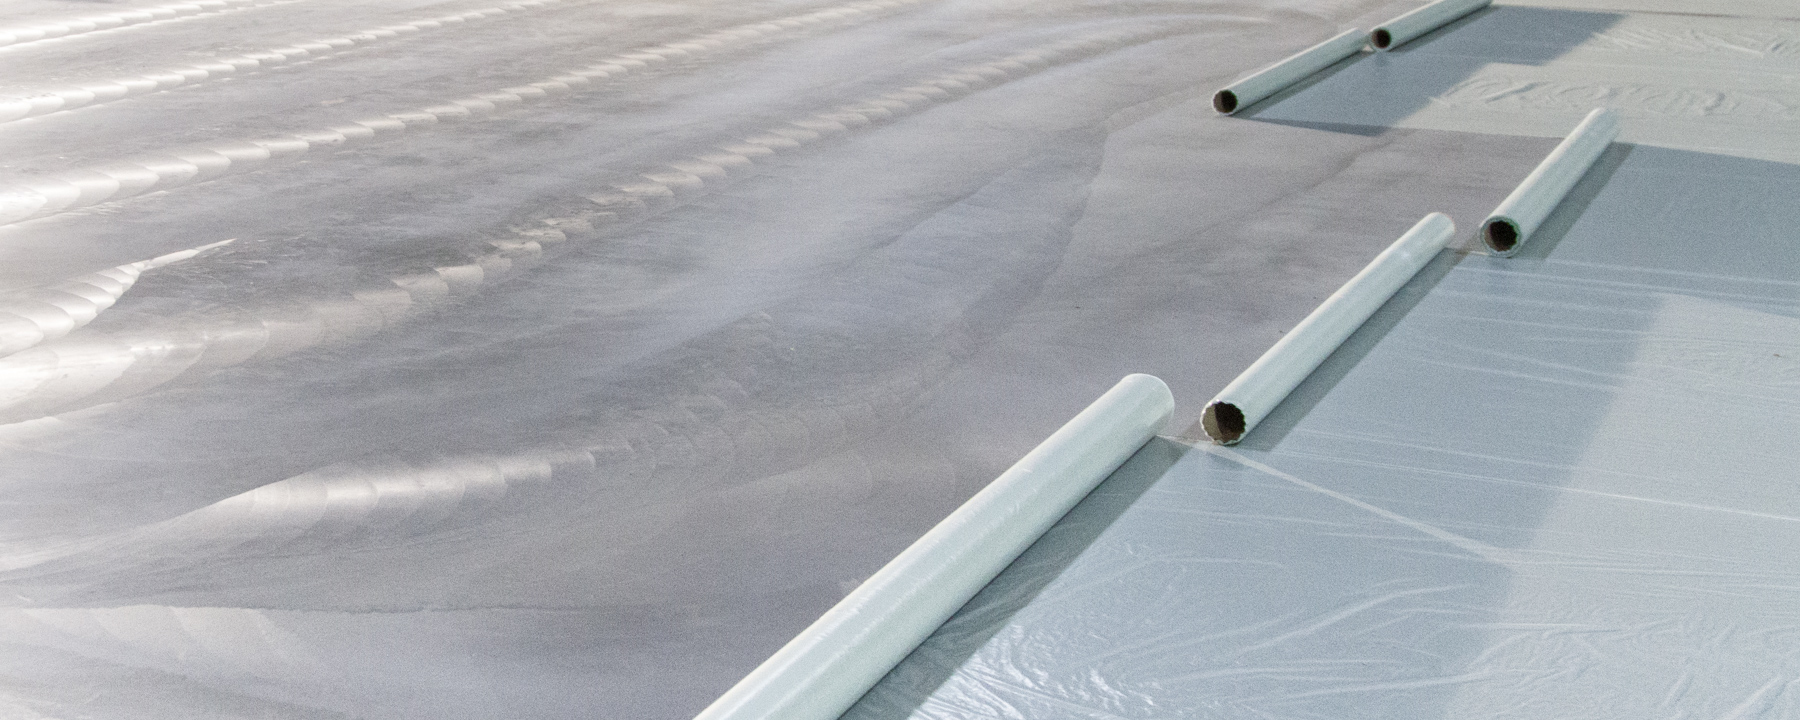 cbl chemobau industrieboden betonb den einbauen. Black Bedroom Furniture Sets. Home Design Ideas